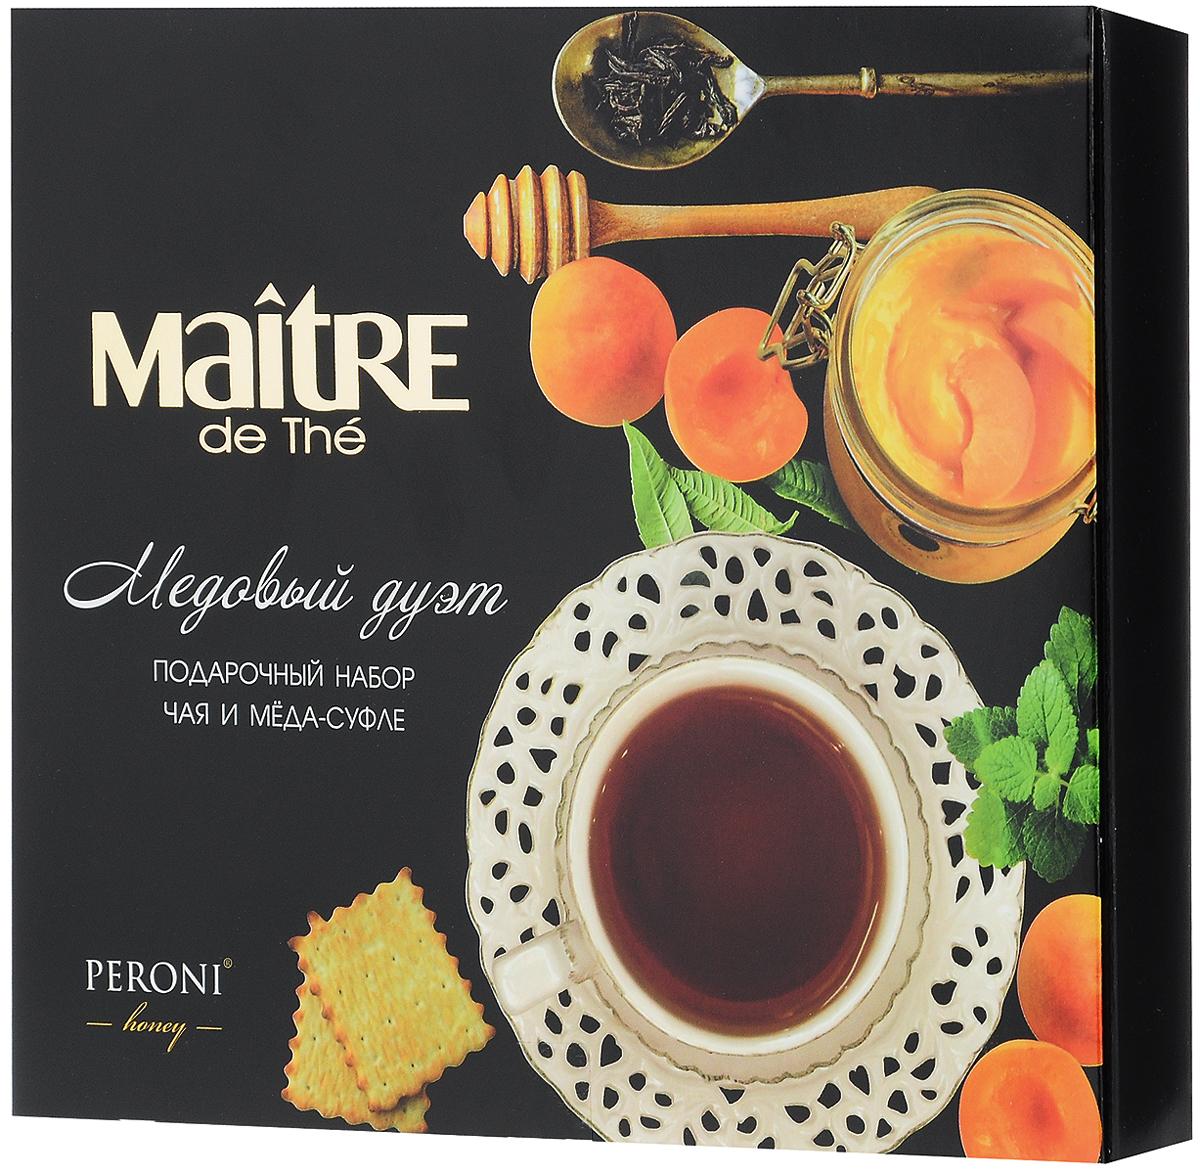 Maitre Медовый дуэт подарочный набор: чай черный Кения, 25 г + мед-суфле, 40 гбаж053Подарочный набор Maitre Медовый дуэт включает две упаковки: черный байховый среднелистовой кенийский чай сорта Букет и мед-суфле с абрикосом (20 г х 2). Уважаемые клиенты! Обращаем ваше внимание, что полный перечень состава продукта представлен на дополнительном изображении.